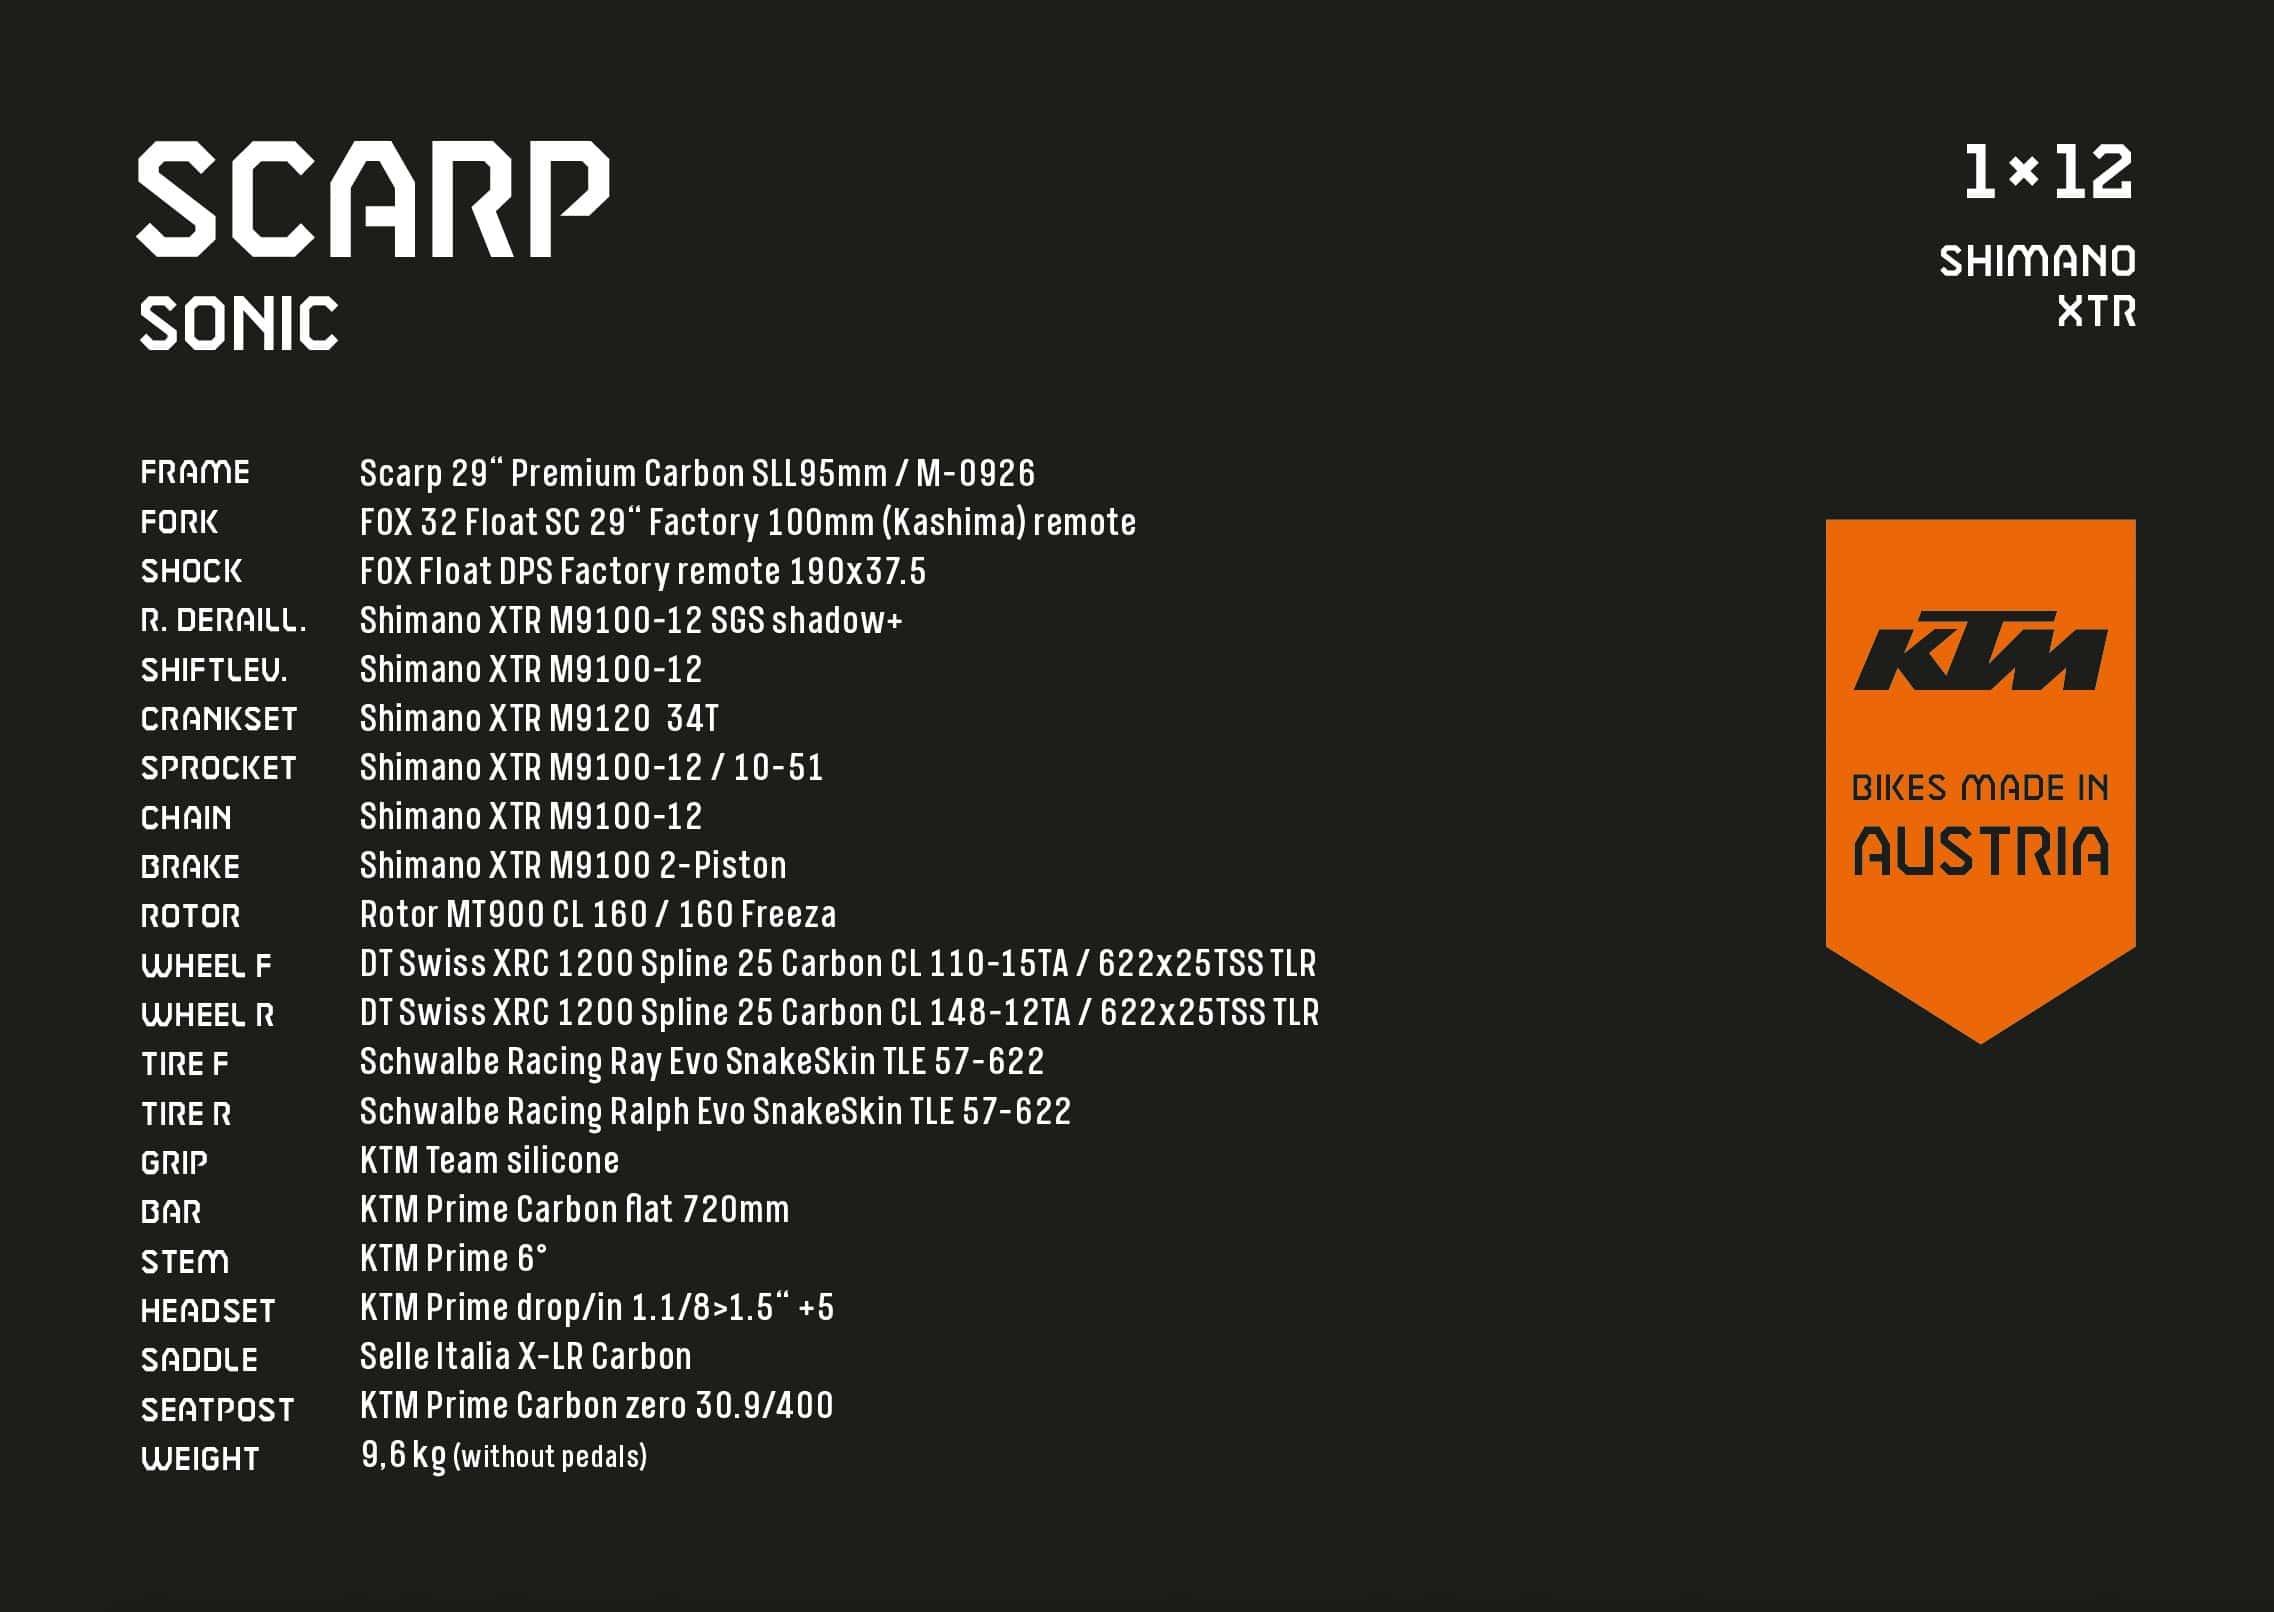 KTM Scarp Sonic - Alle Details aufgelistet